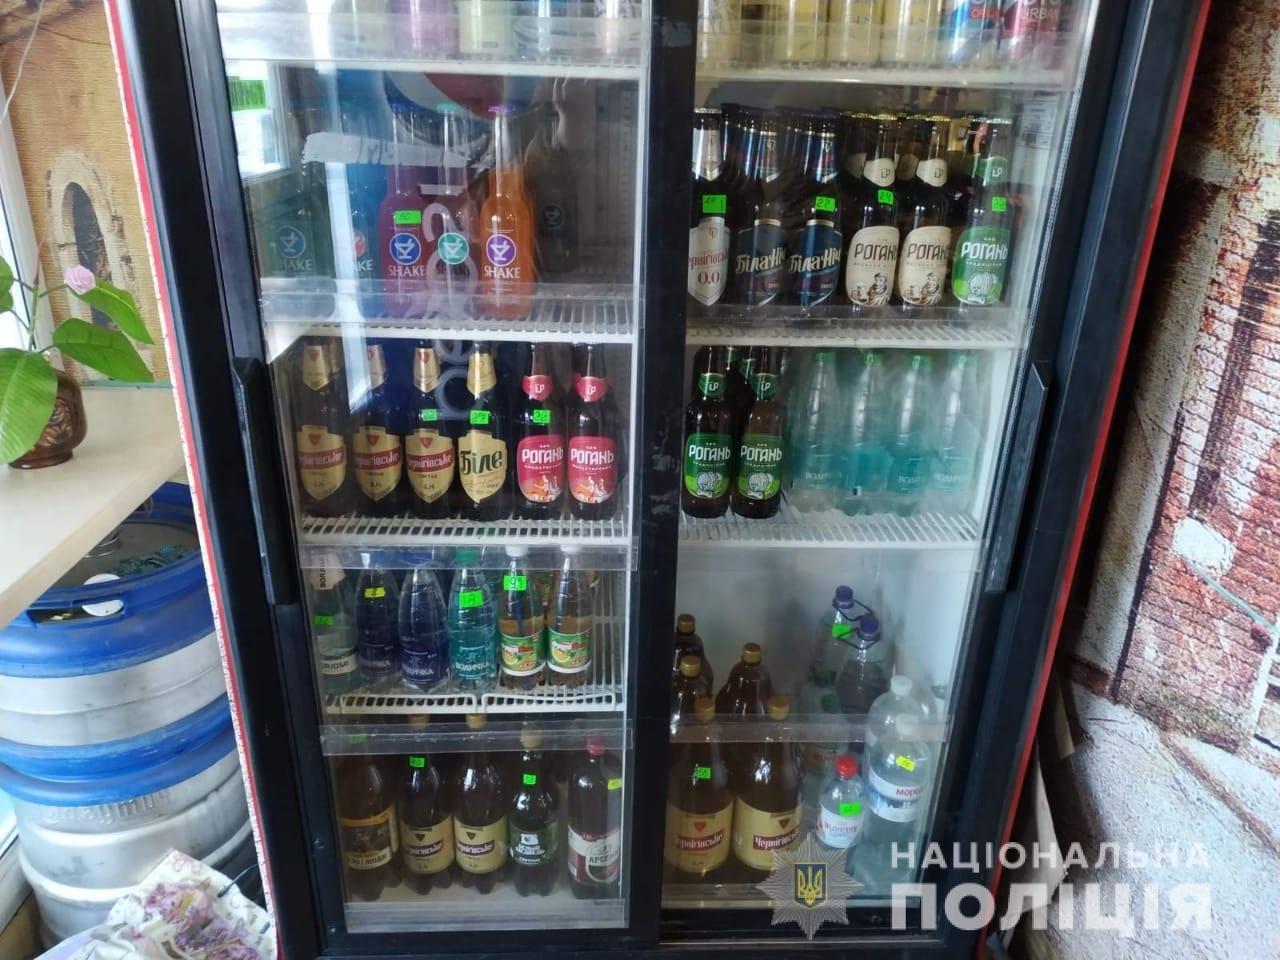 156 бутылок алкоголя без лицензии: в городе провели профилактический рейд , фото-1